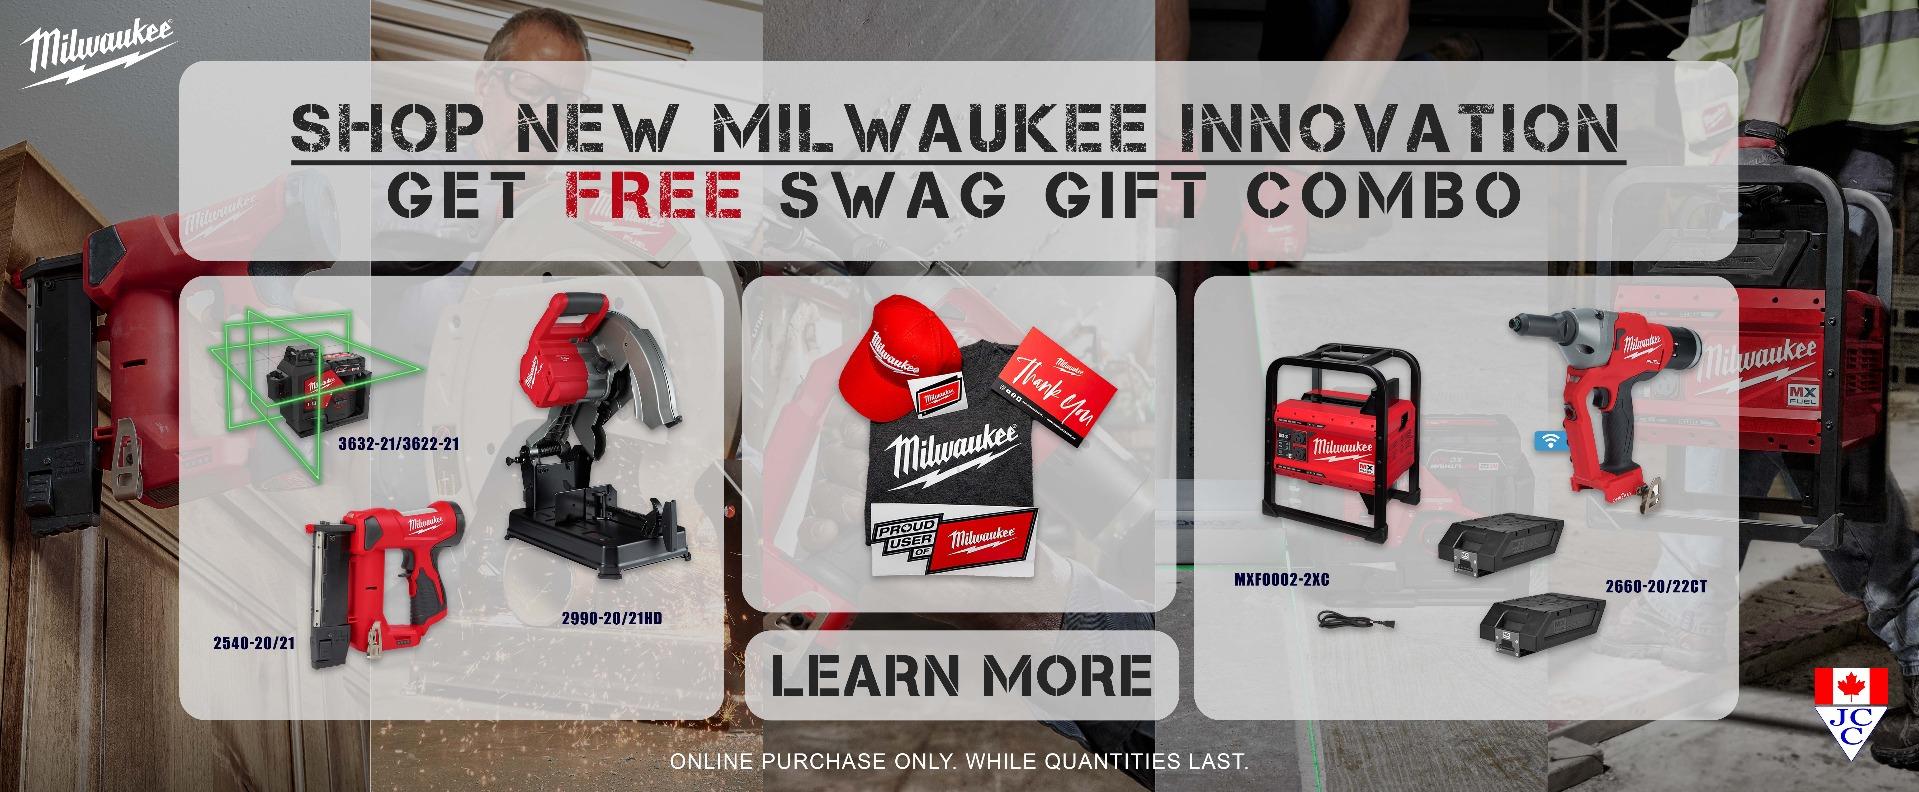 Milwaukee_Innovation_Swag